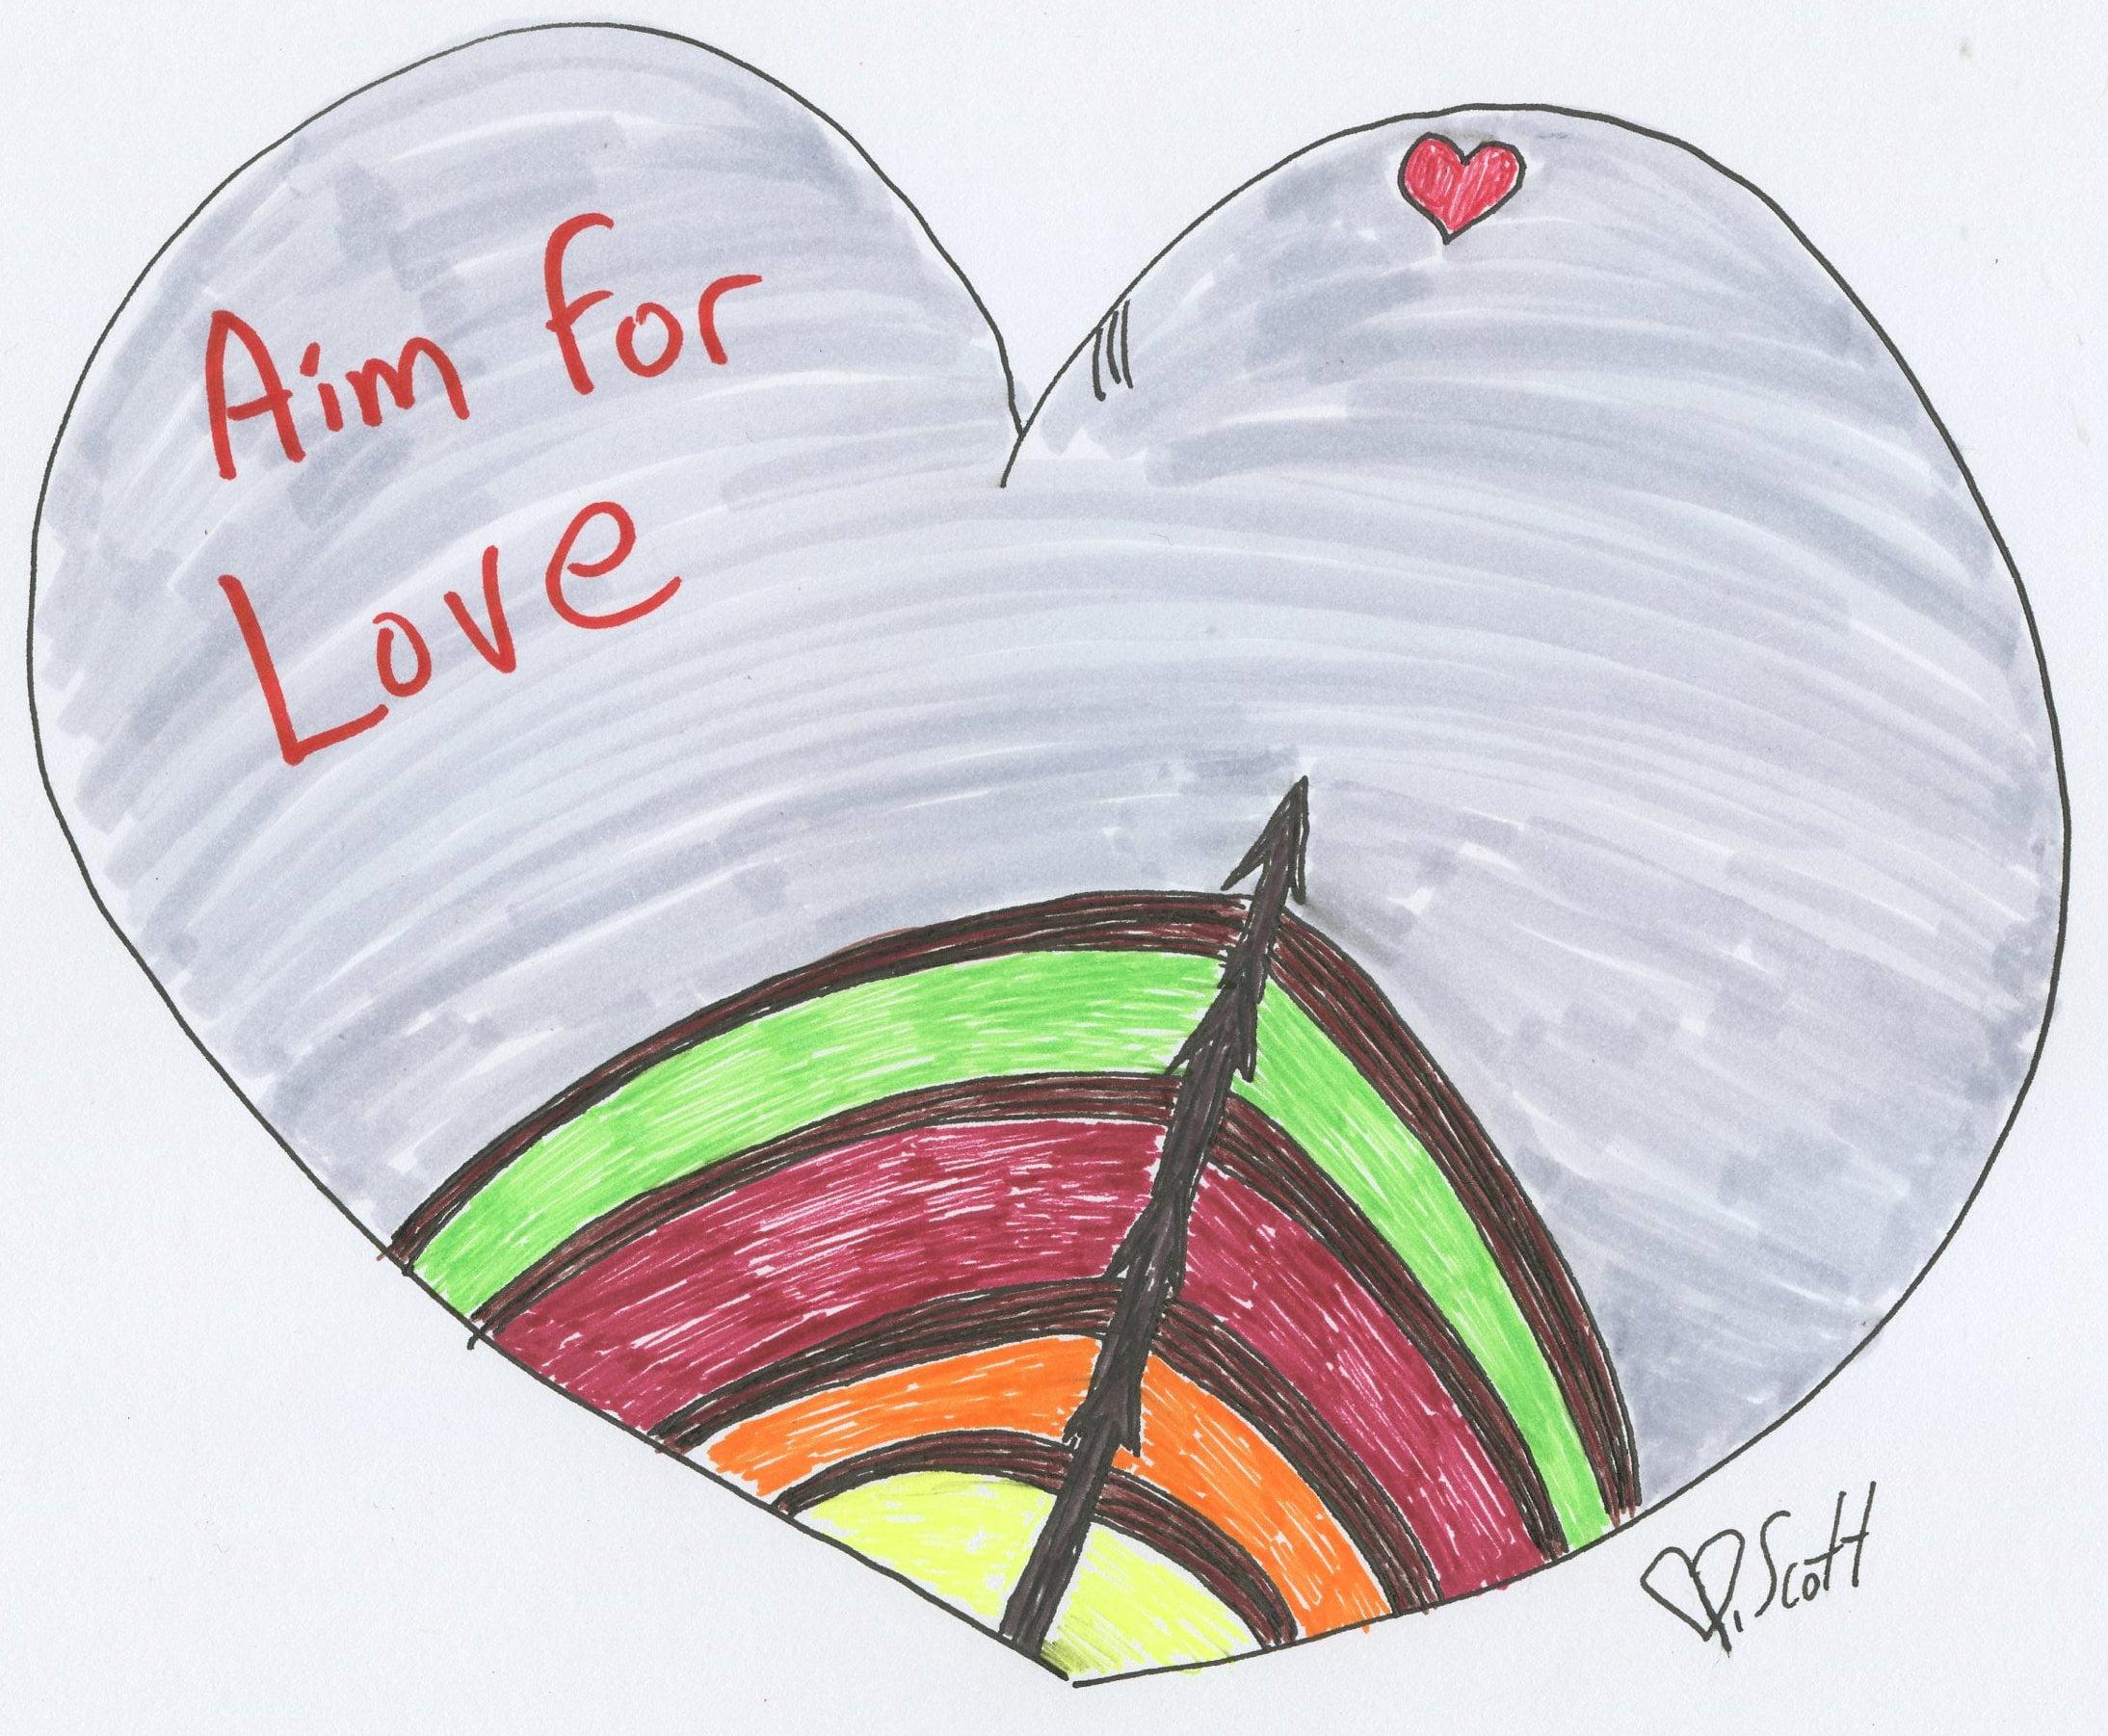 Love, Show love